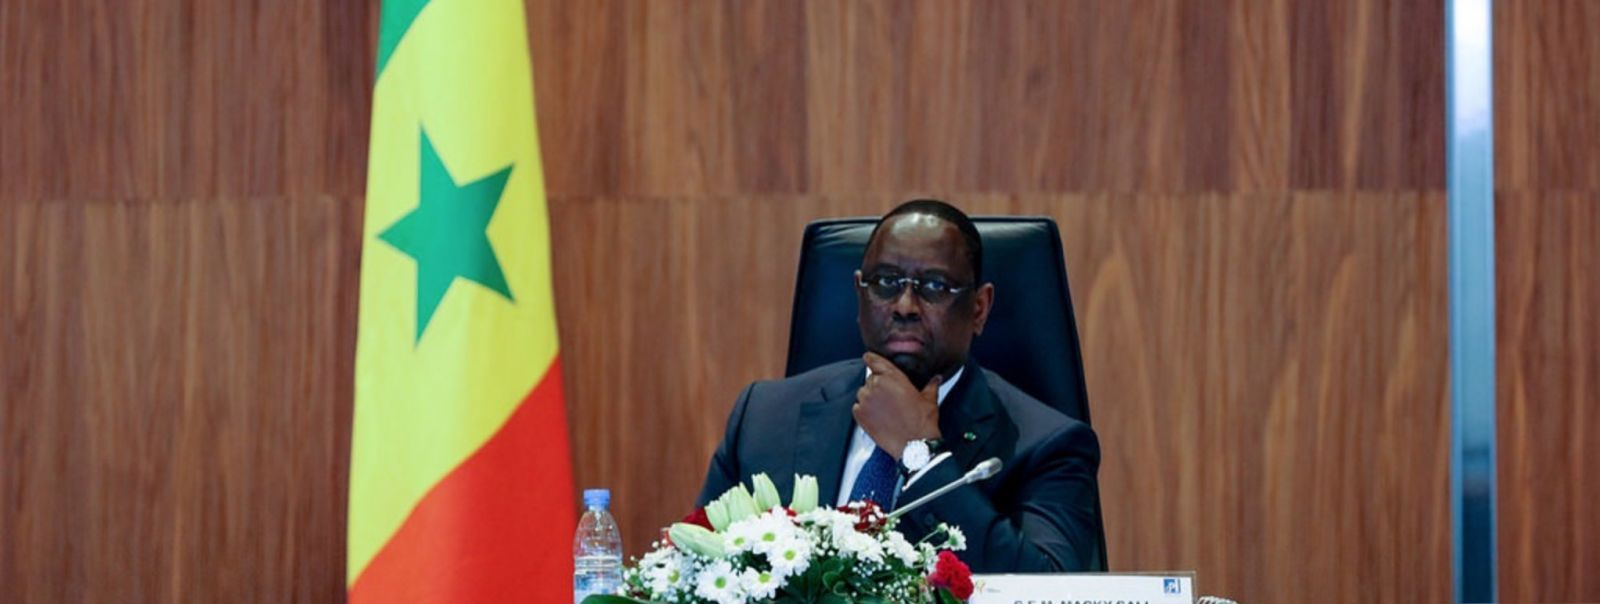 Sénégal : La dette publique atteint plus de 7100 milliards